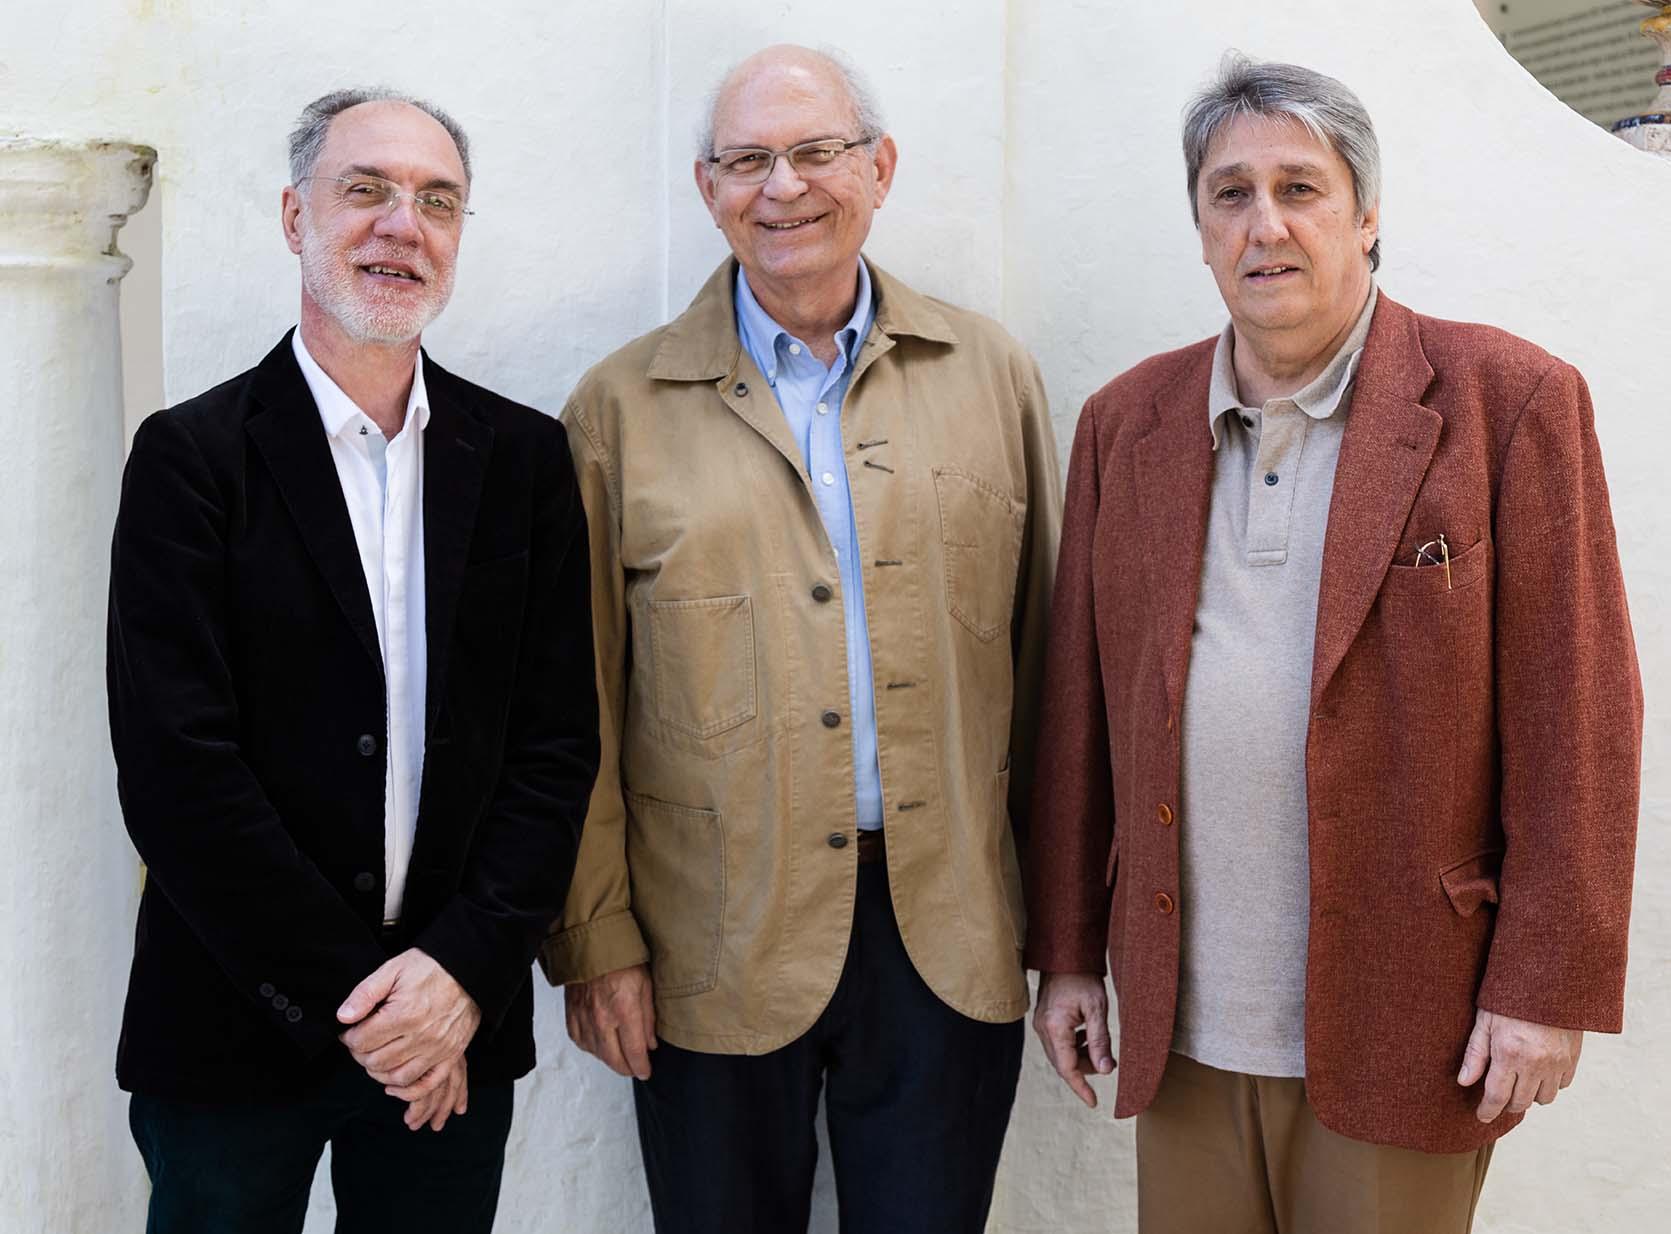 Circuito de Arte Contemporânea do Museu do Açude ganha obras permanentes de Waltércio Caldas, Angelo Venosa e José Resende